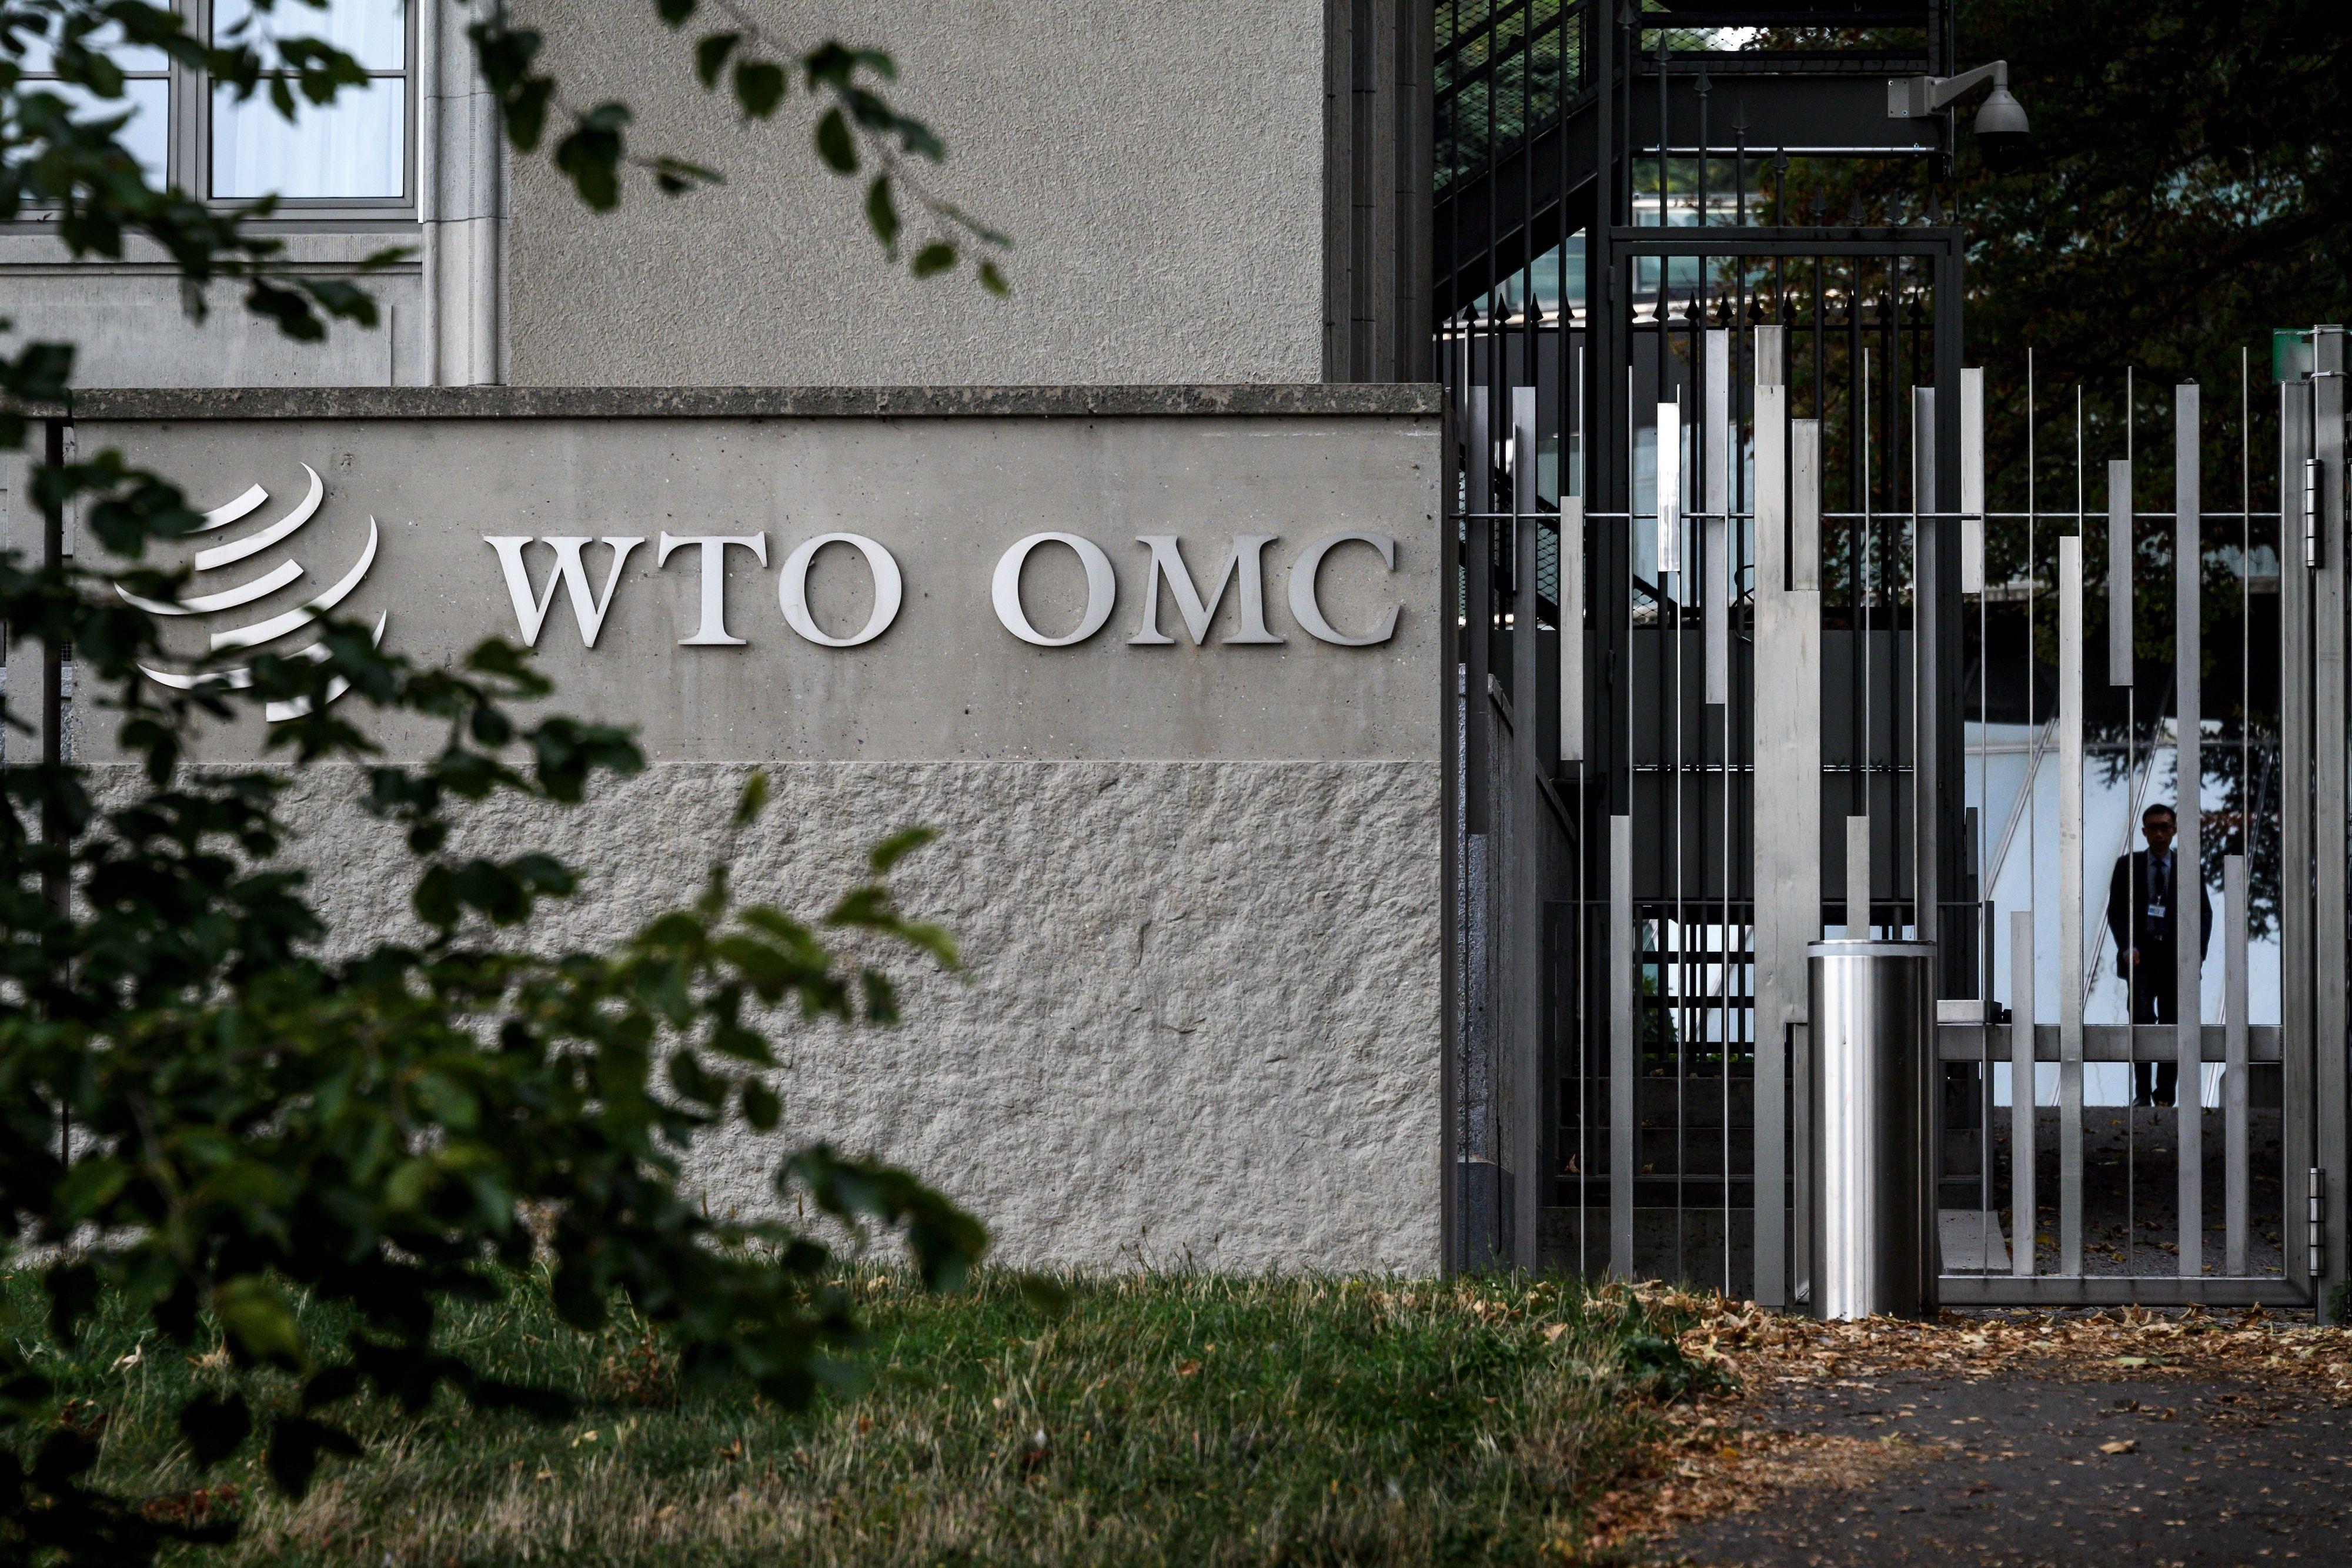 貿易戰打到WTO 美要求裁決中共不公措施